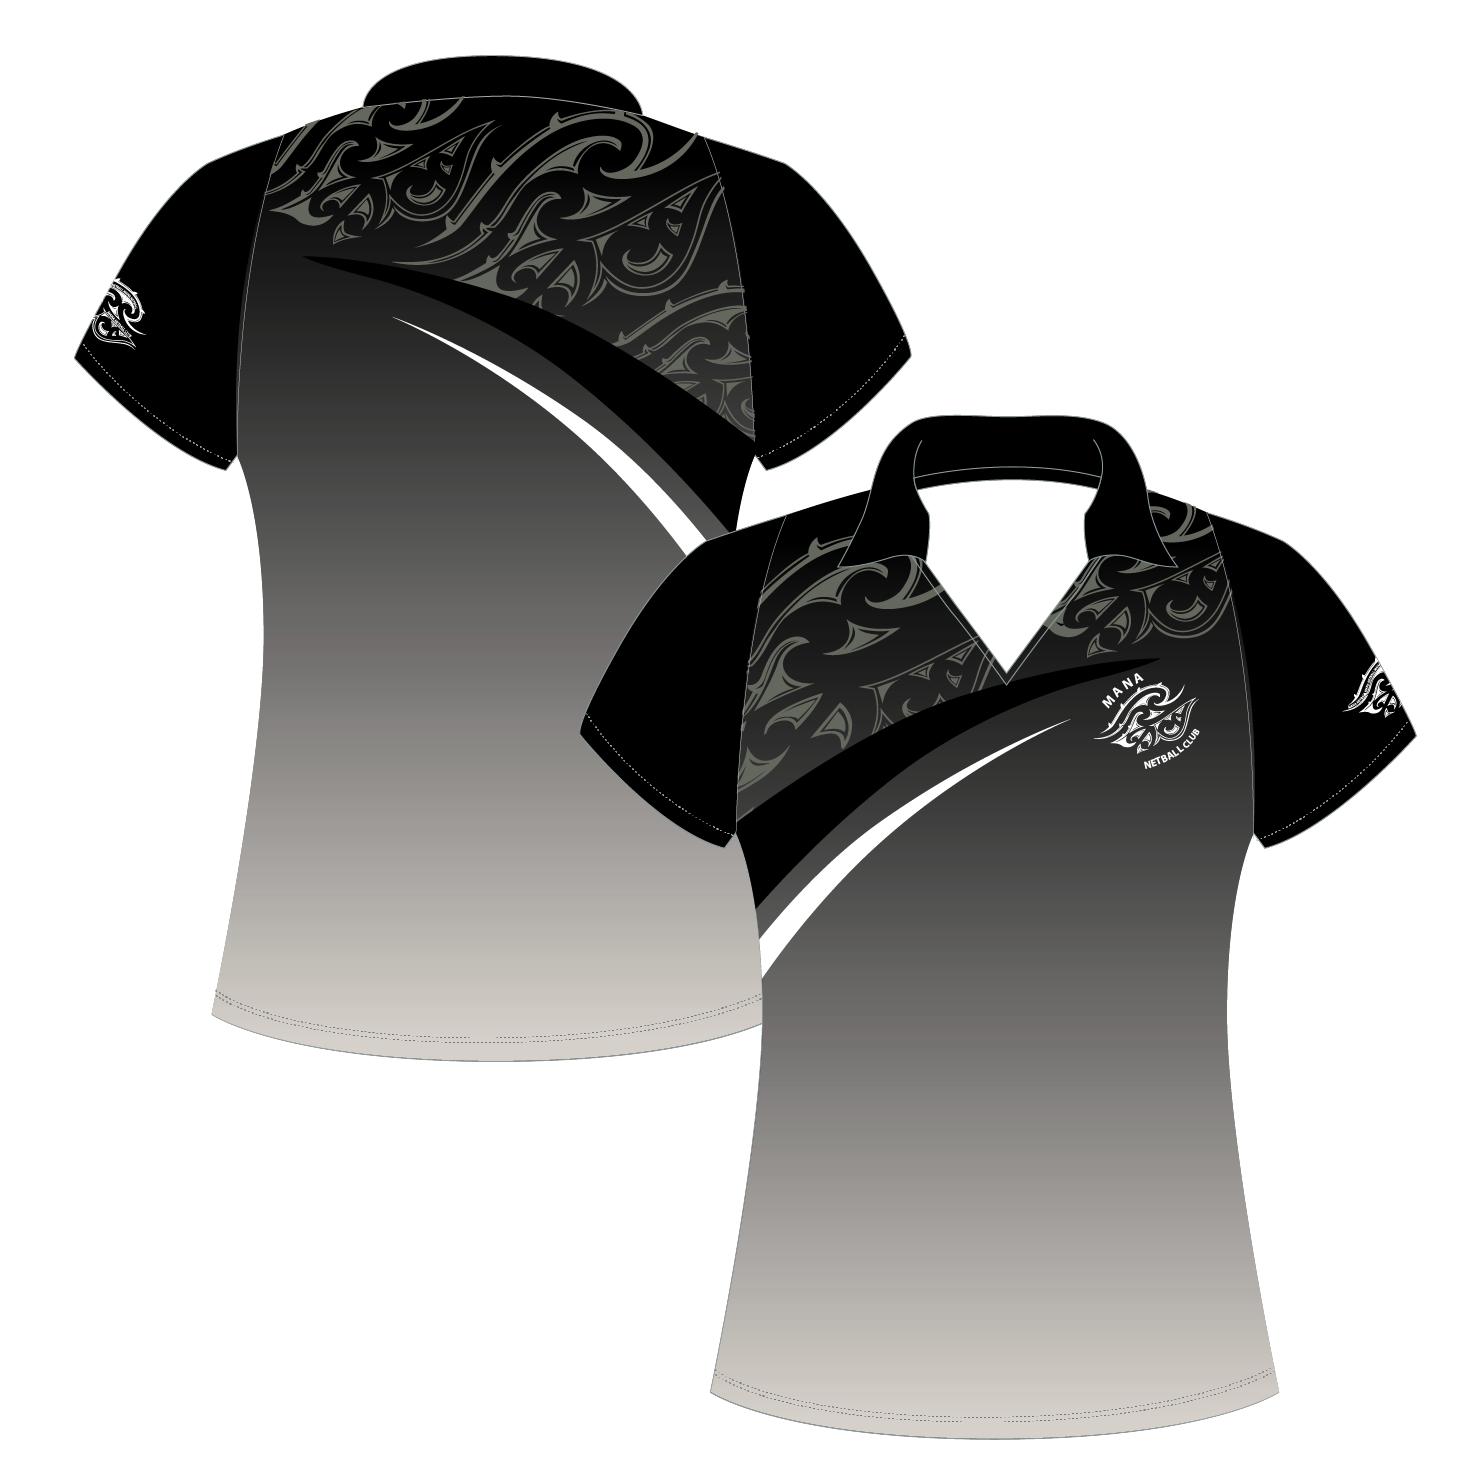 S/S Polo Shirt